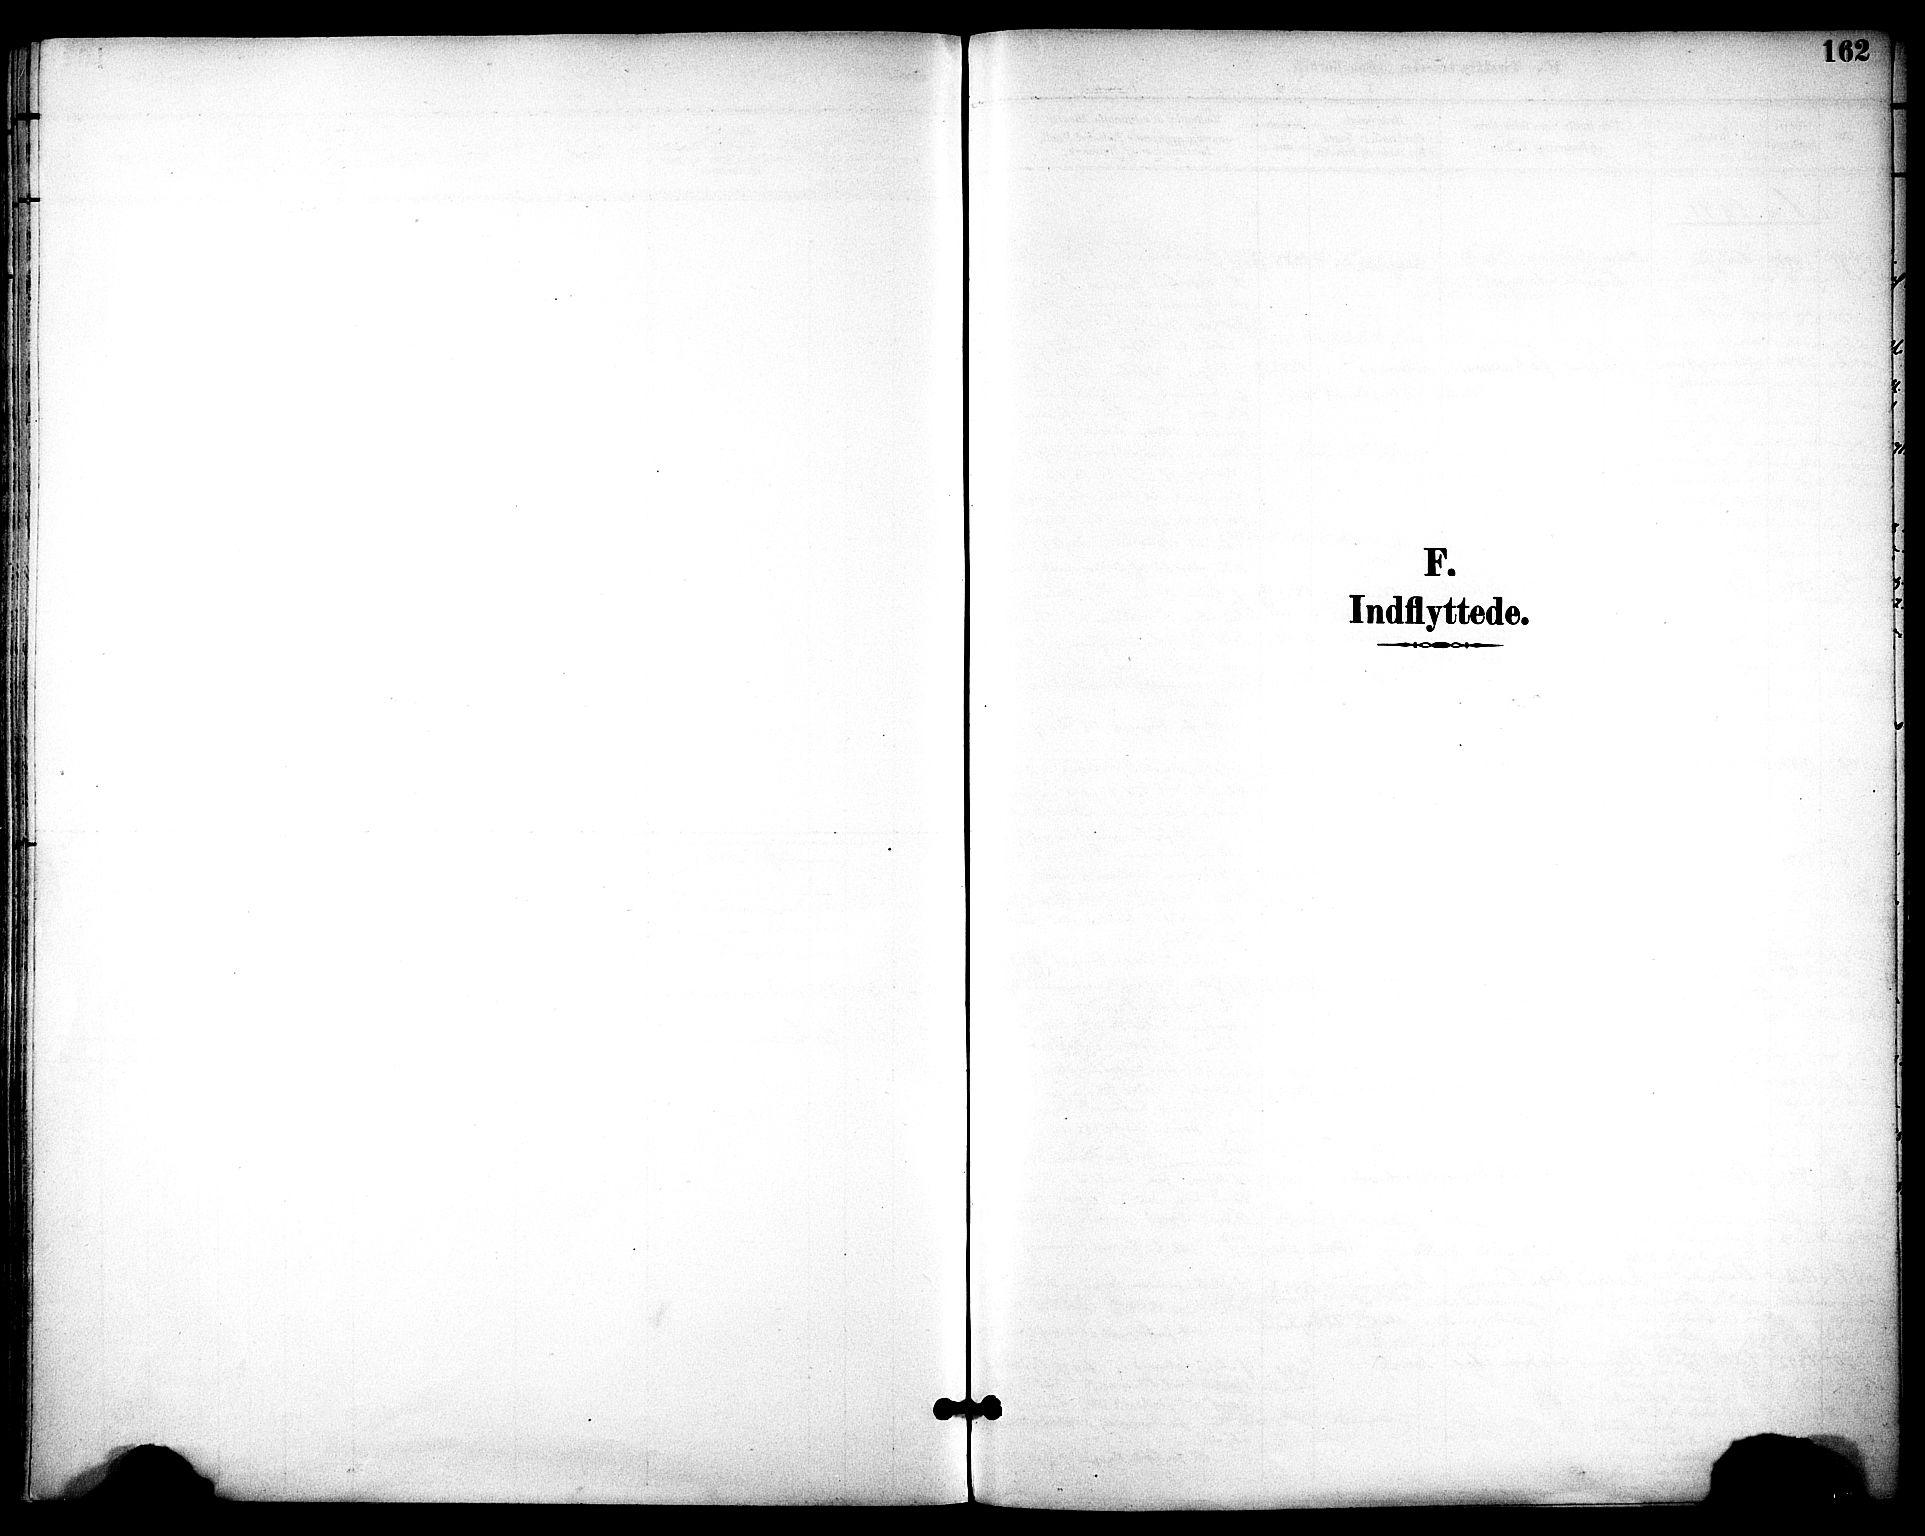 SAT, Ministerialprotokoller, klokkerbøker og fødselsregistre - Sør-Trøndelag, 686/L0984: Ministerialbok nr. 686A02, 1891-1906, s. 162